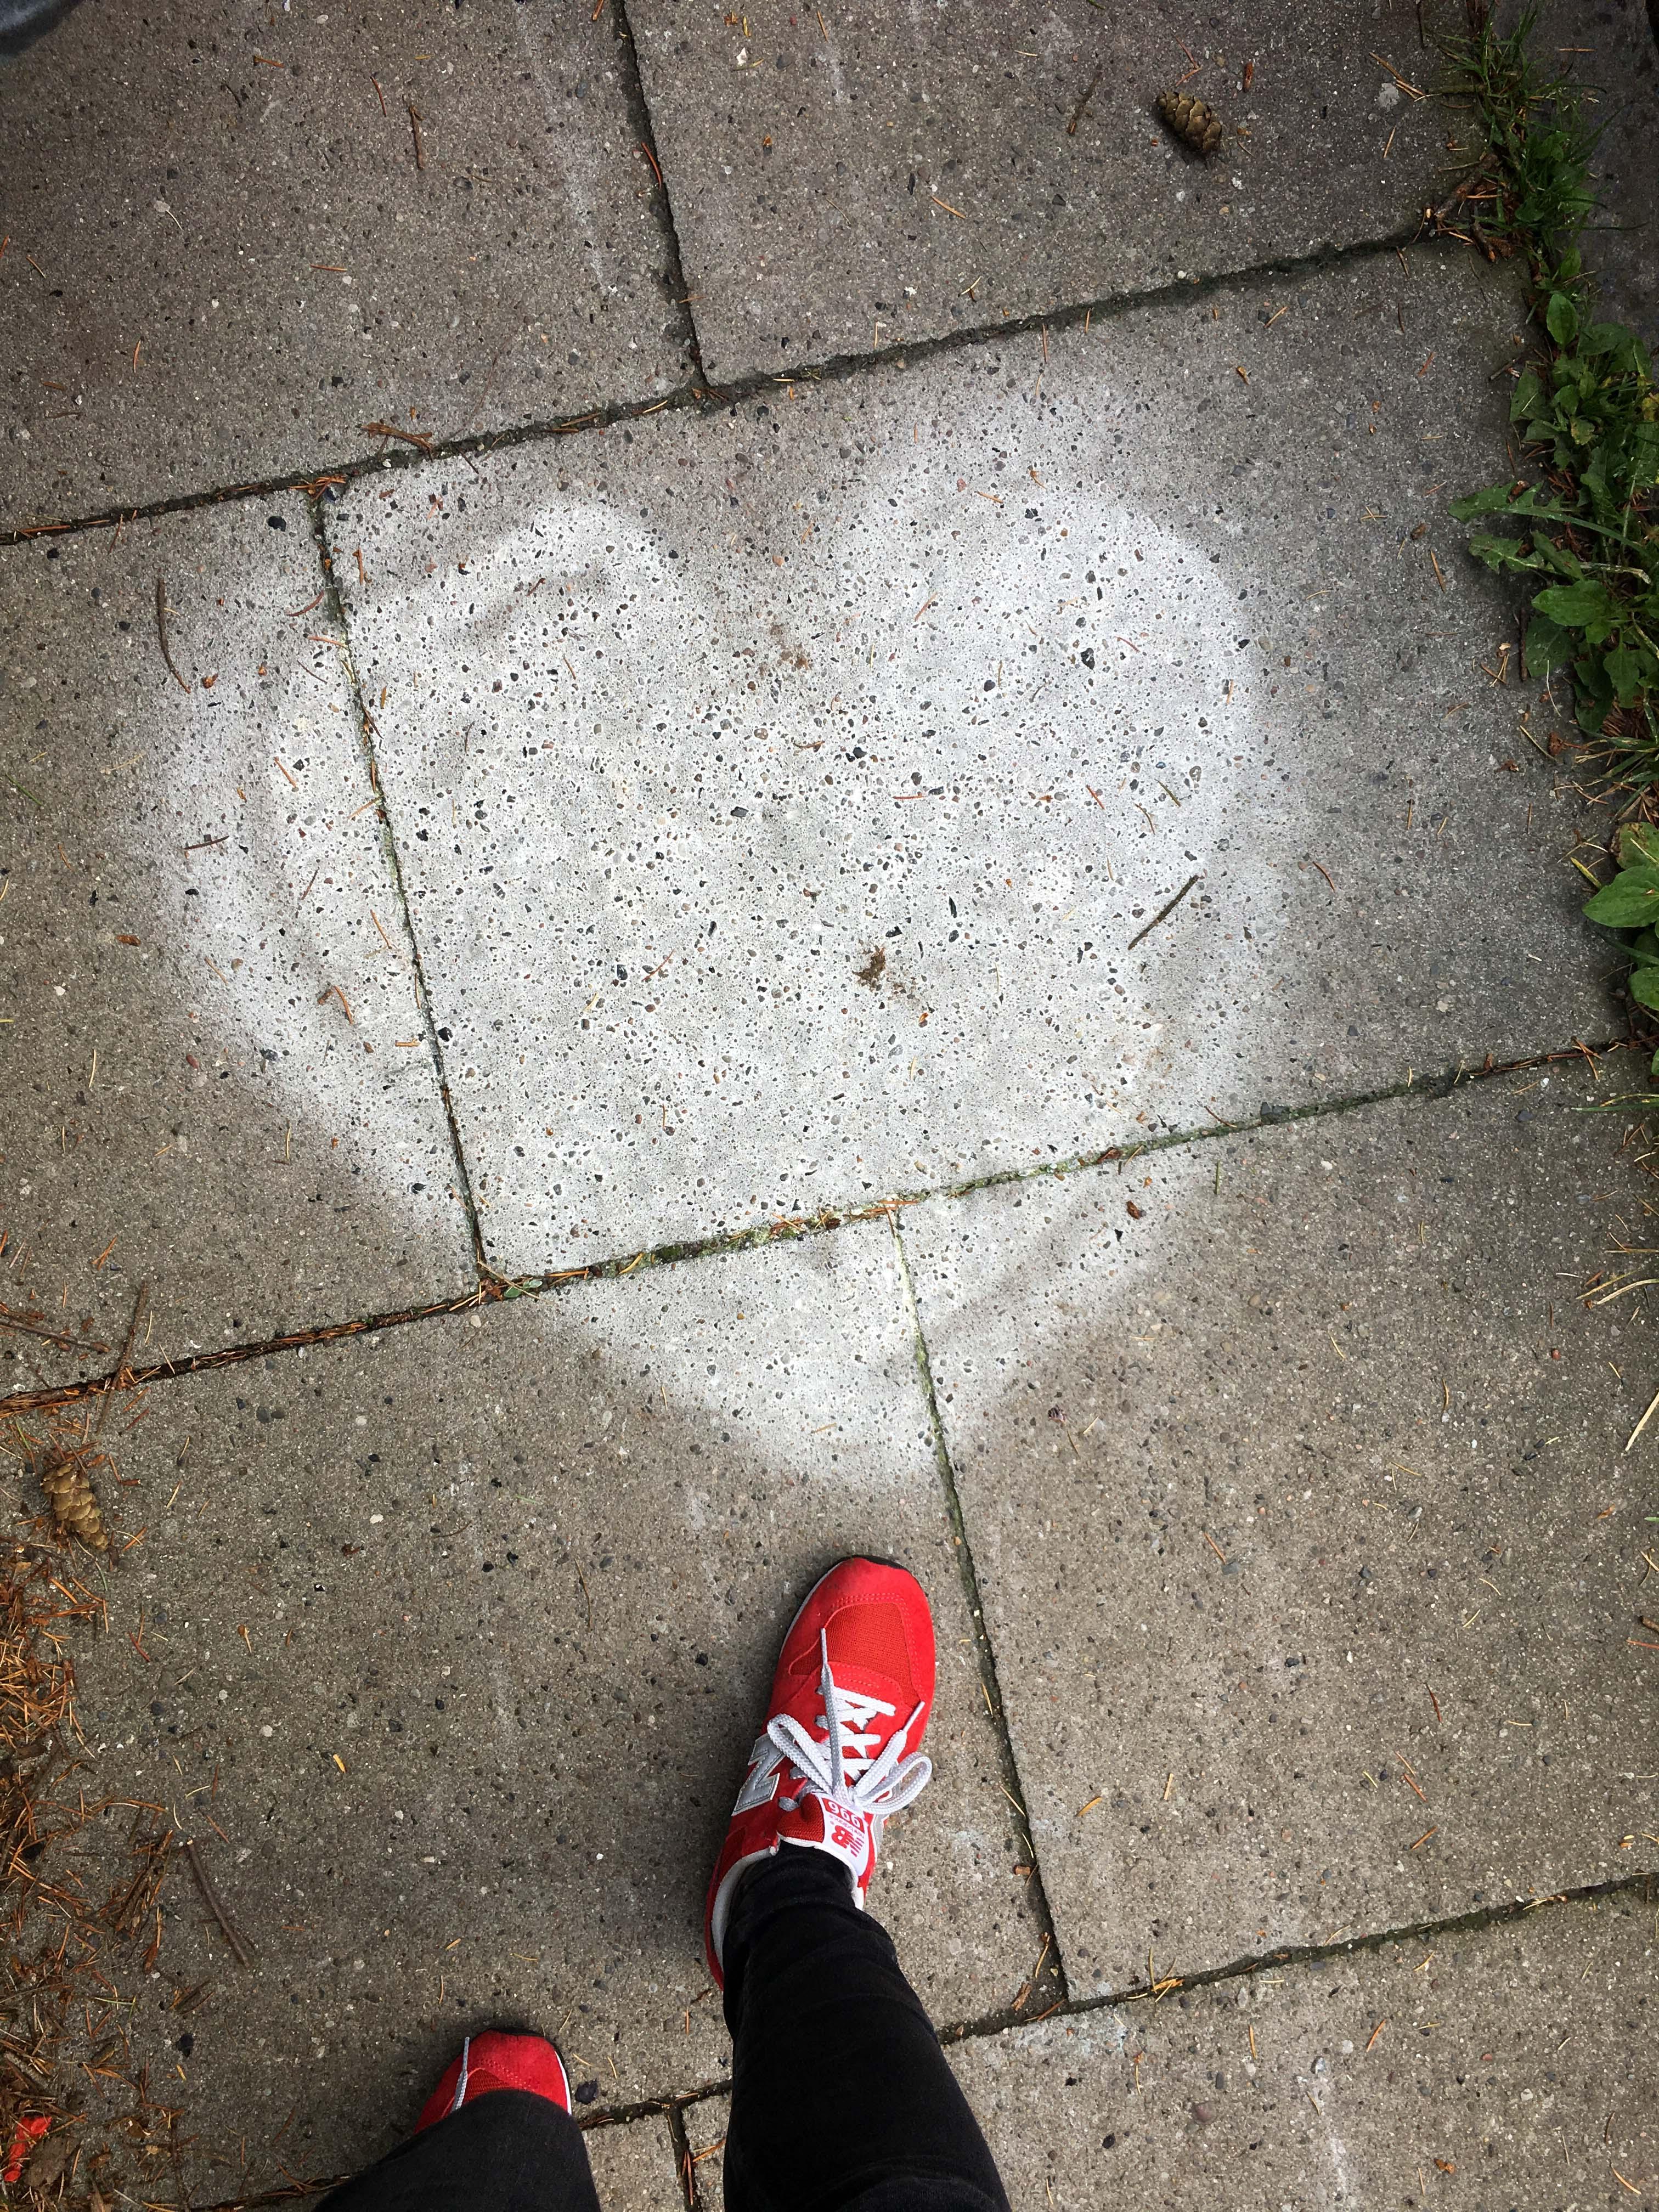 Herz auf Gehweg aufgemalt in weiß